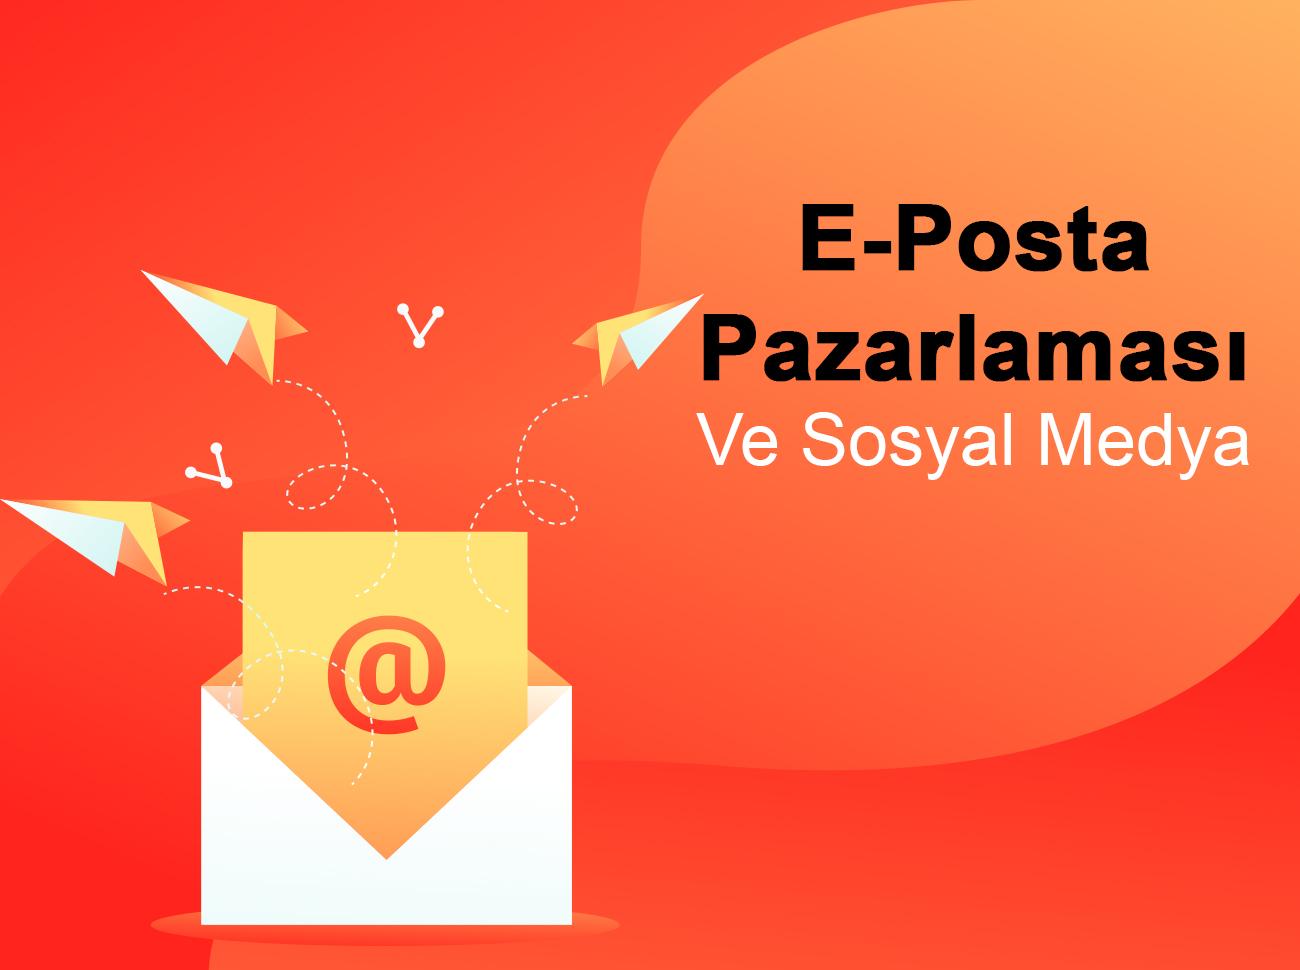 E-Posta Pazarlaması İle Sosyal Medya Stratejinizi Geliştirin